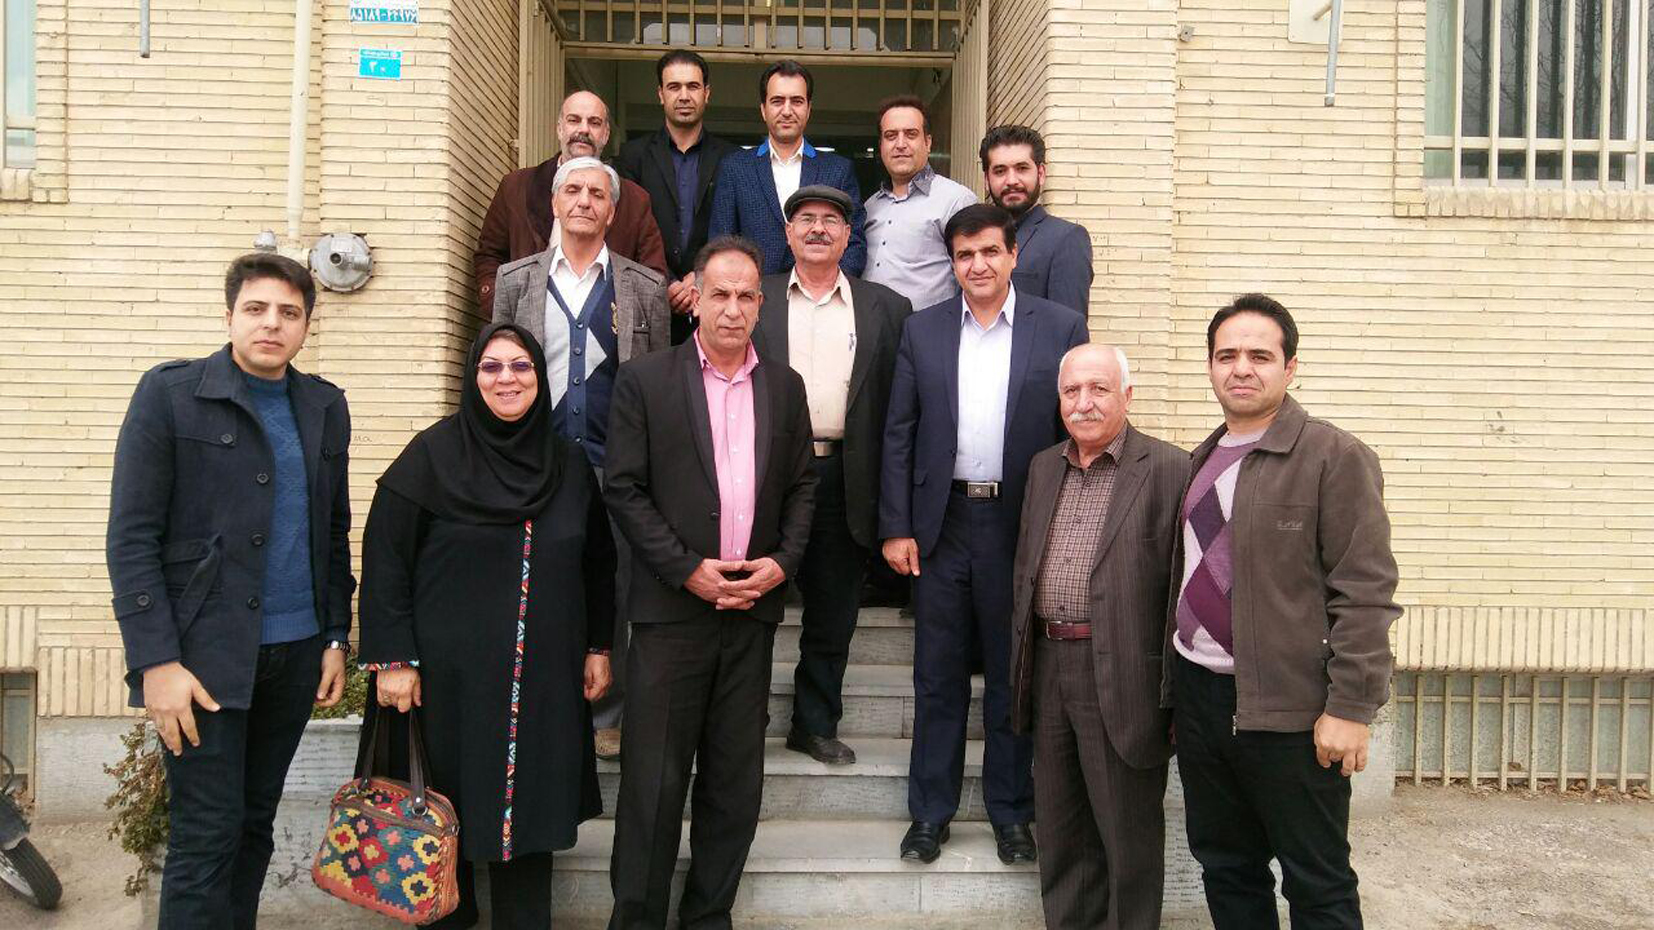 درخواست نگاه ویژه به فرهنگ و هنر نجف آباد درخواست نگاه ویژه به فرهنگ و هنر نجف آباد درخواست نگاه ویژه به فرهنگ و هنر نجف آباد